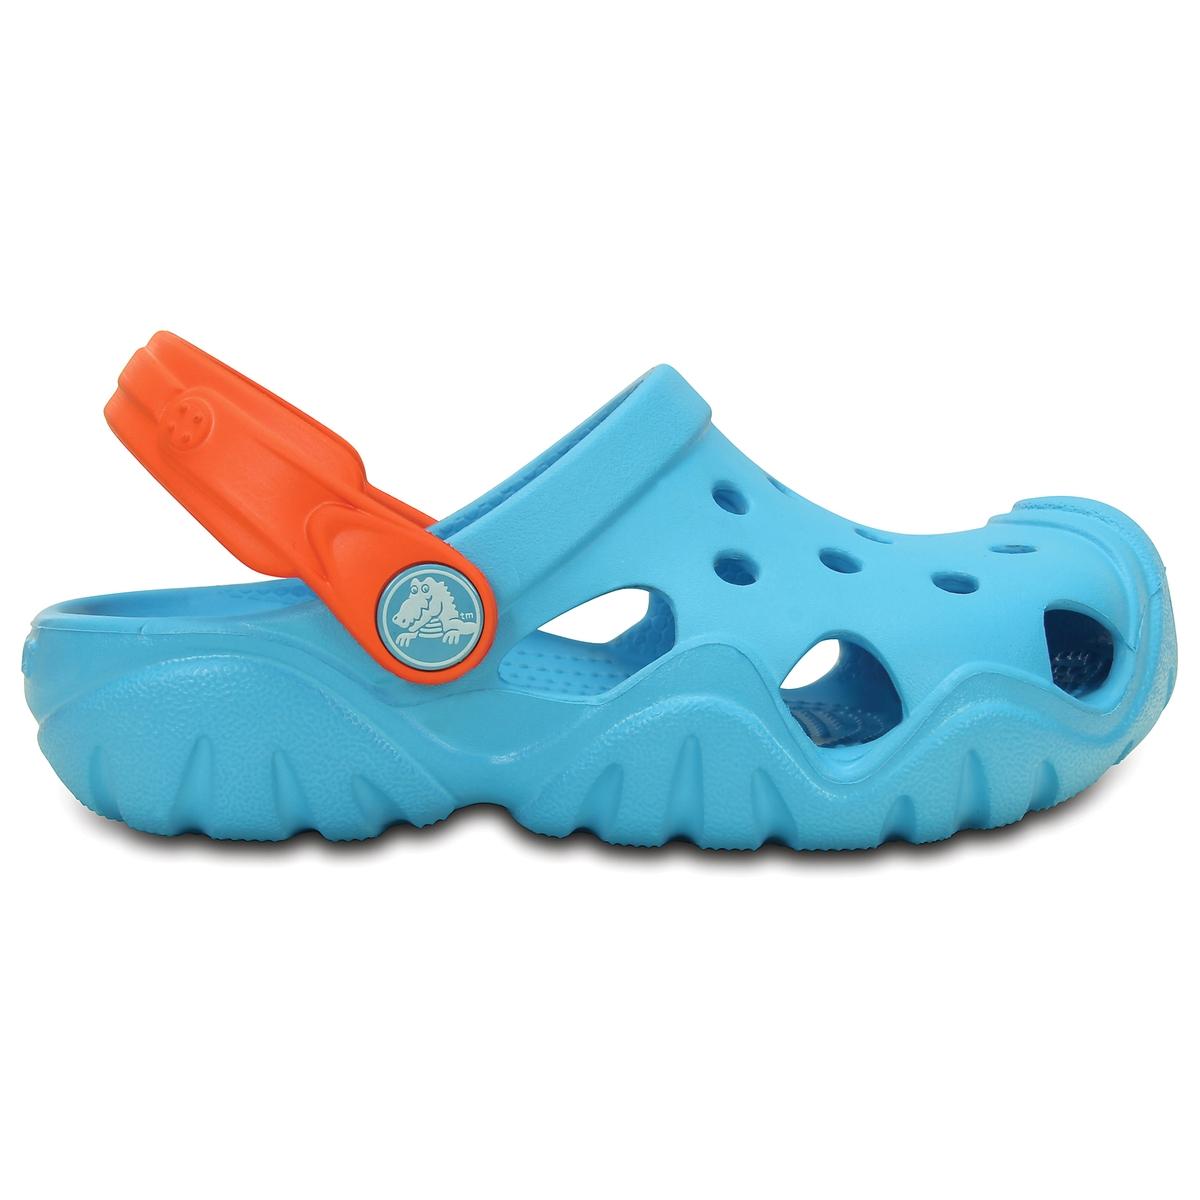 Сабо Kids Swiftwater ClogОписание:Детали •  Плоский каблук •  Застежка : ремешок/пряжка •  Круглый мысок •  Гладкая отделкаСостав и уход •  Верх 100% ПВХ (поливинилхлорид) •  Стелька 100% ПВХ •  Подошва 100% ПВХ<br><br>Цвет: синий/ оранжевый<br>Размер: 25/26